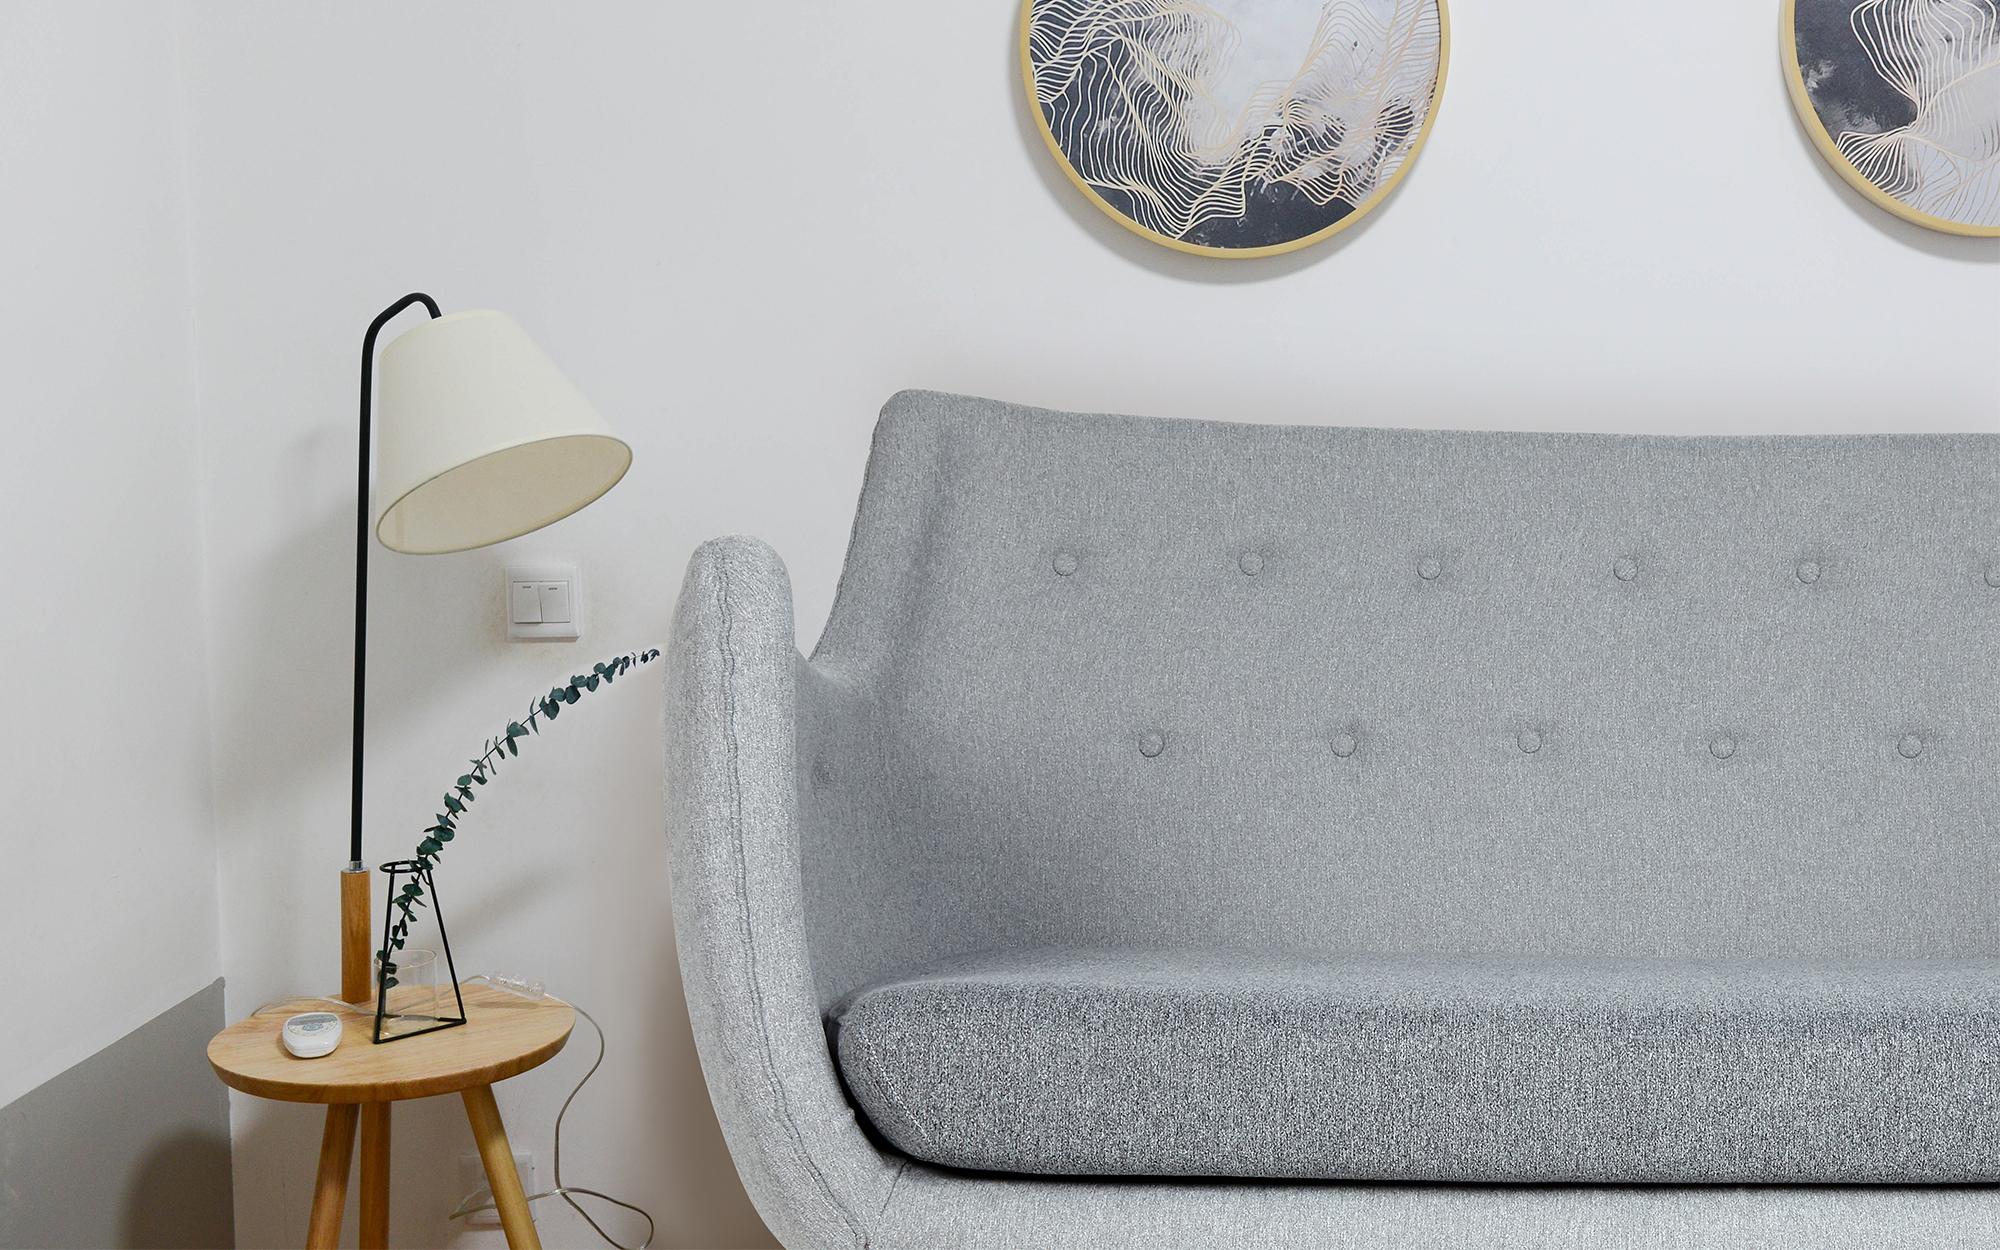 Finn Juhl Poet Sofa in a Scandi Inspired Living Room